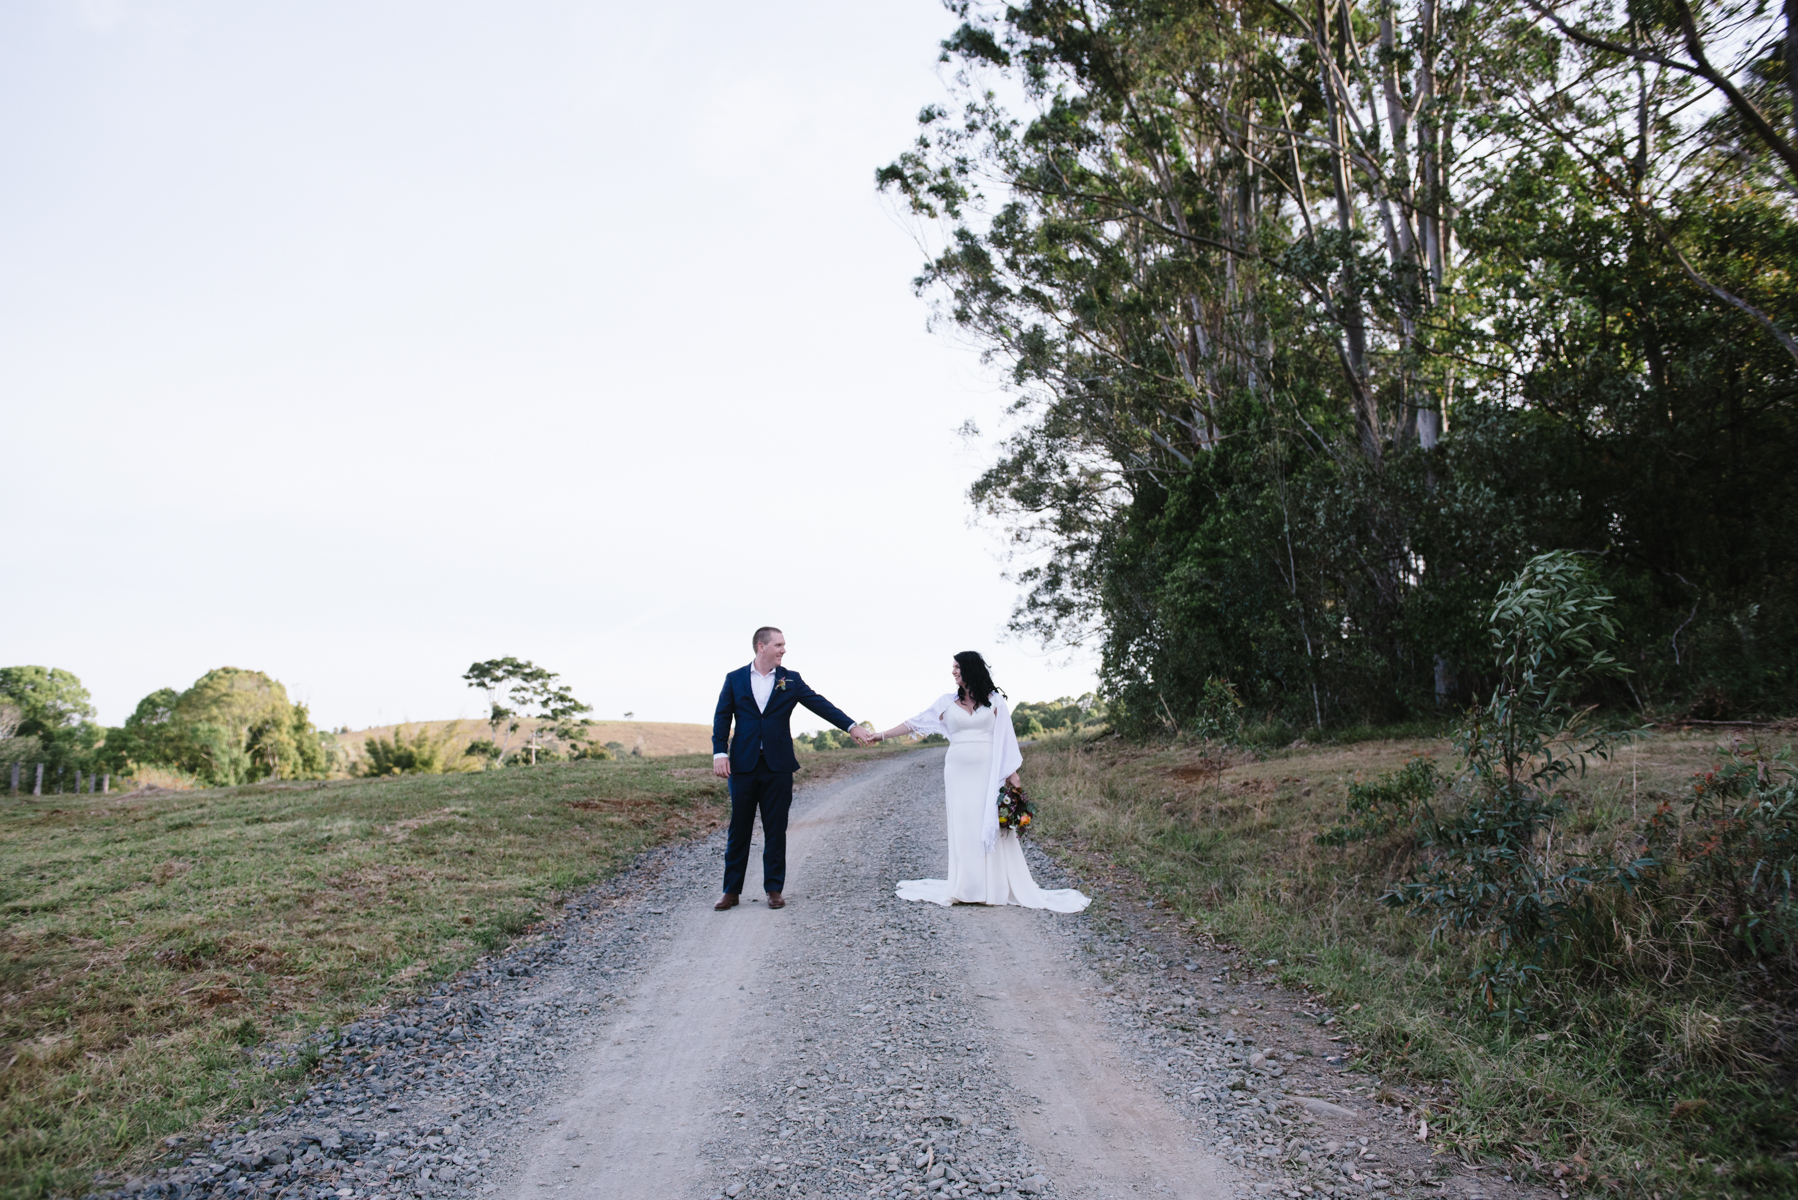 sarahandBenwedding- skyla sage photography weddings, families, byron bay,tweed coast,kingscliff,cabarita,gold coast-674.jpg